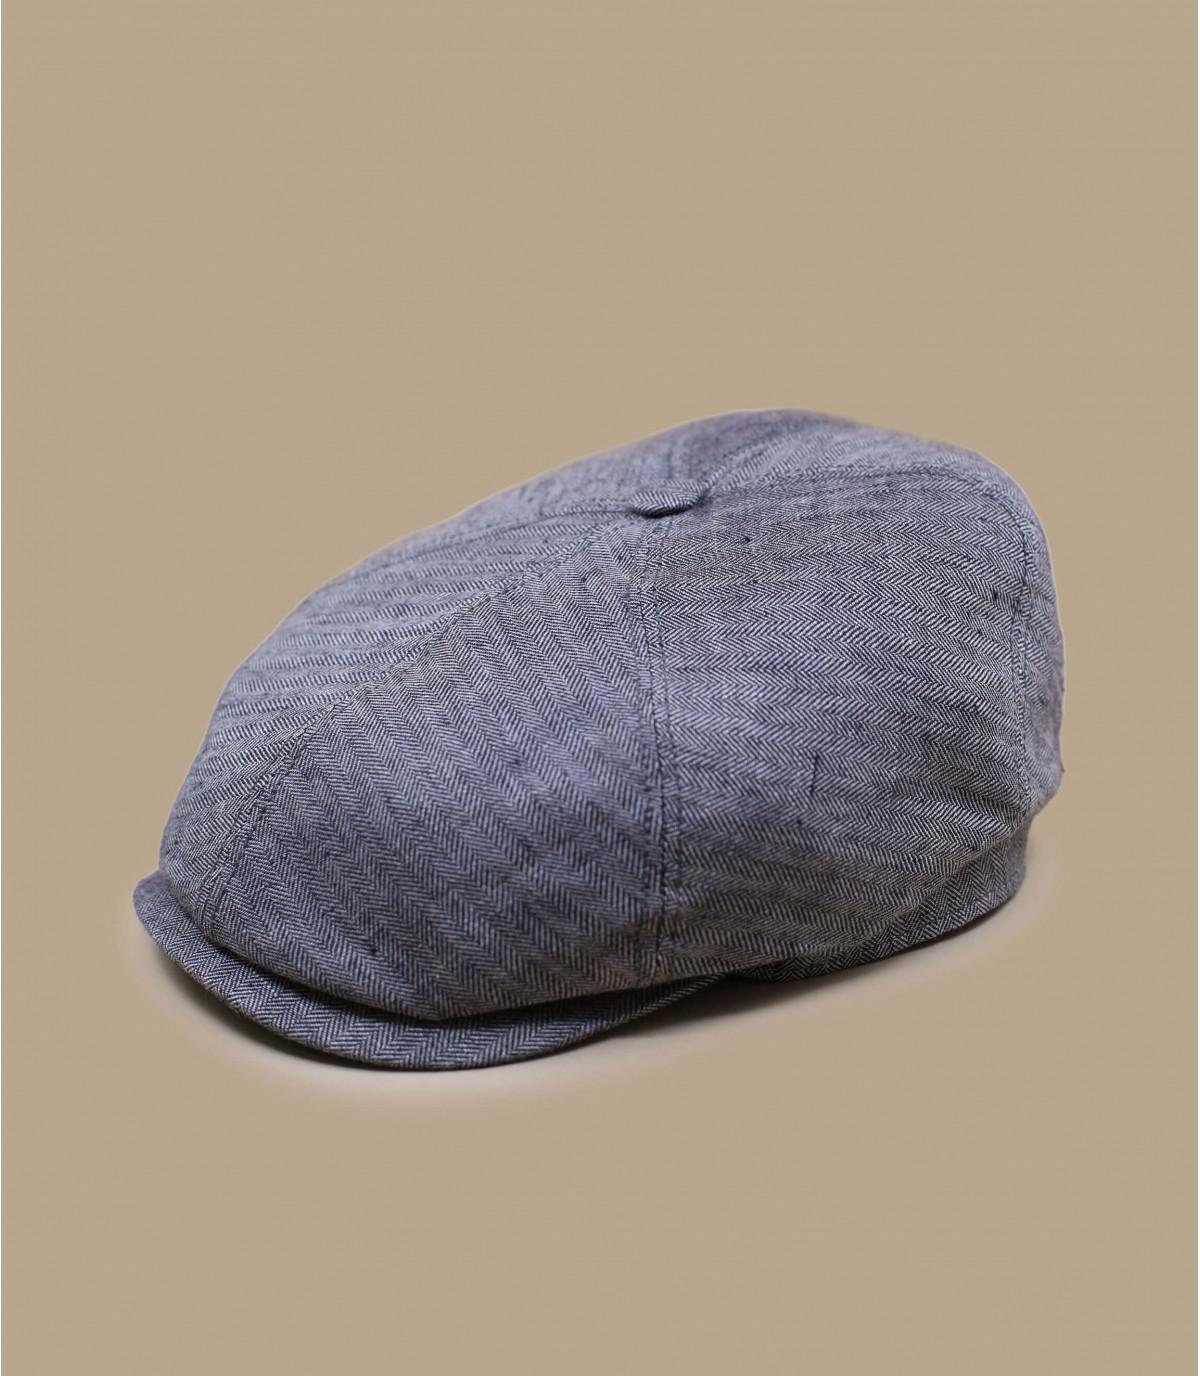 Irische Cap für Männer